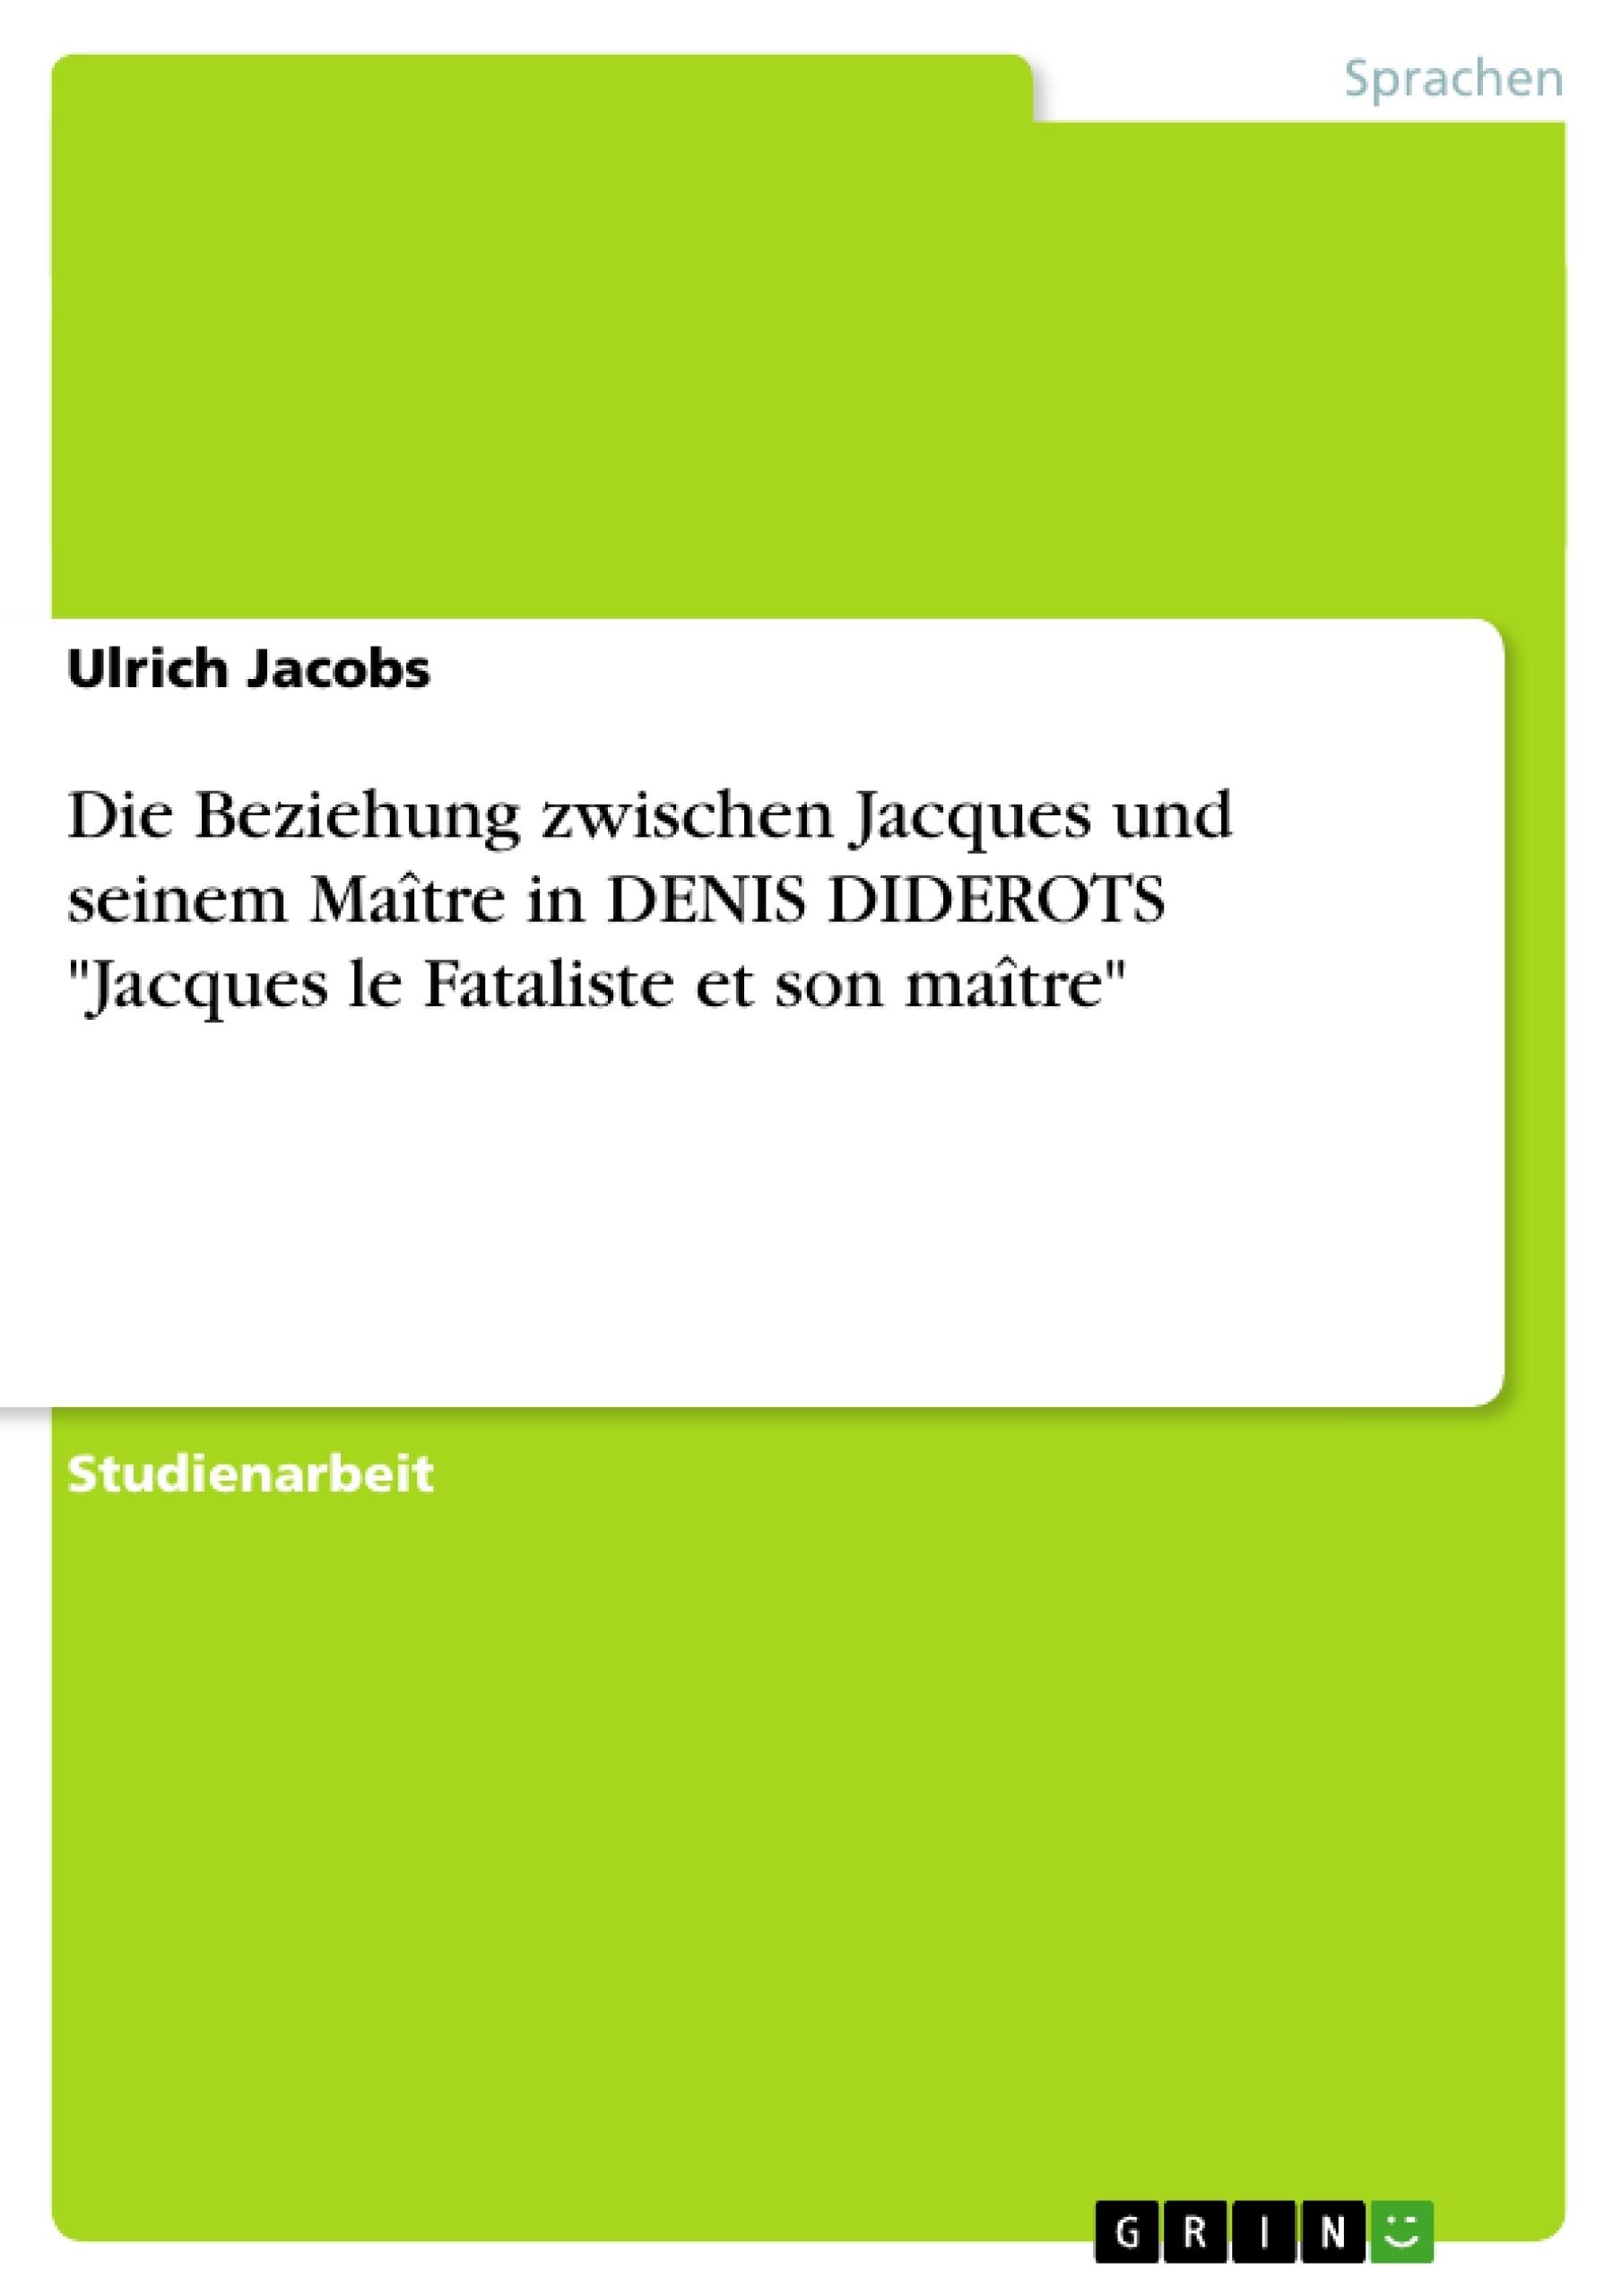 """Titel: Die Beziehung zwischen Jacques und seinem Maître in DENIS DIDEROTS """"Jacques le Fataliste et son maître"""""""